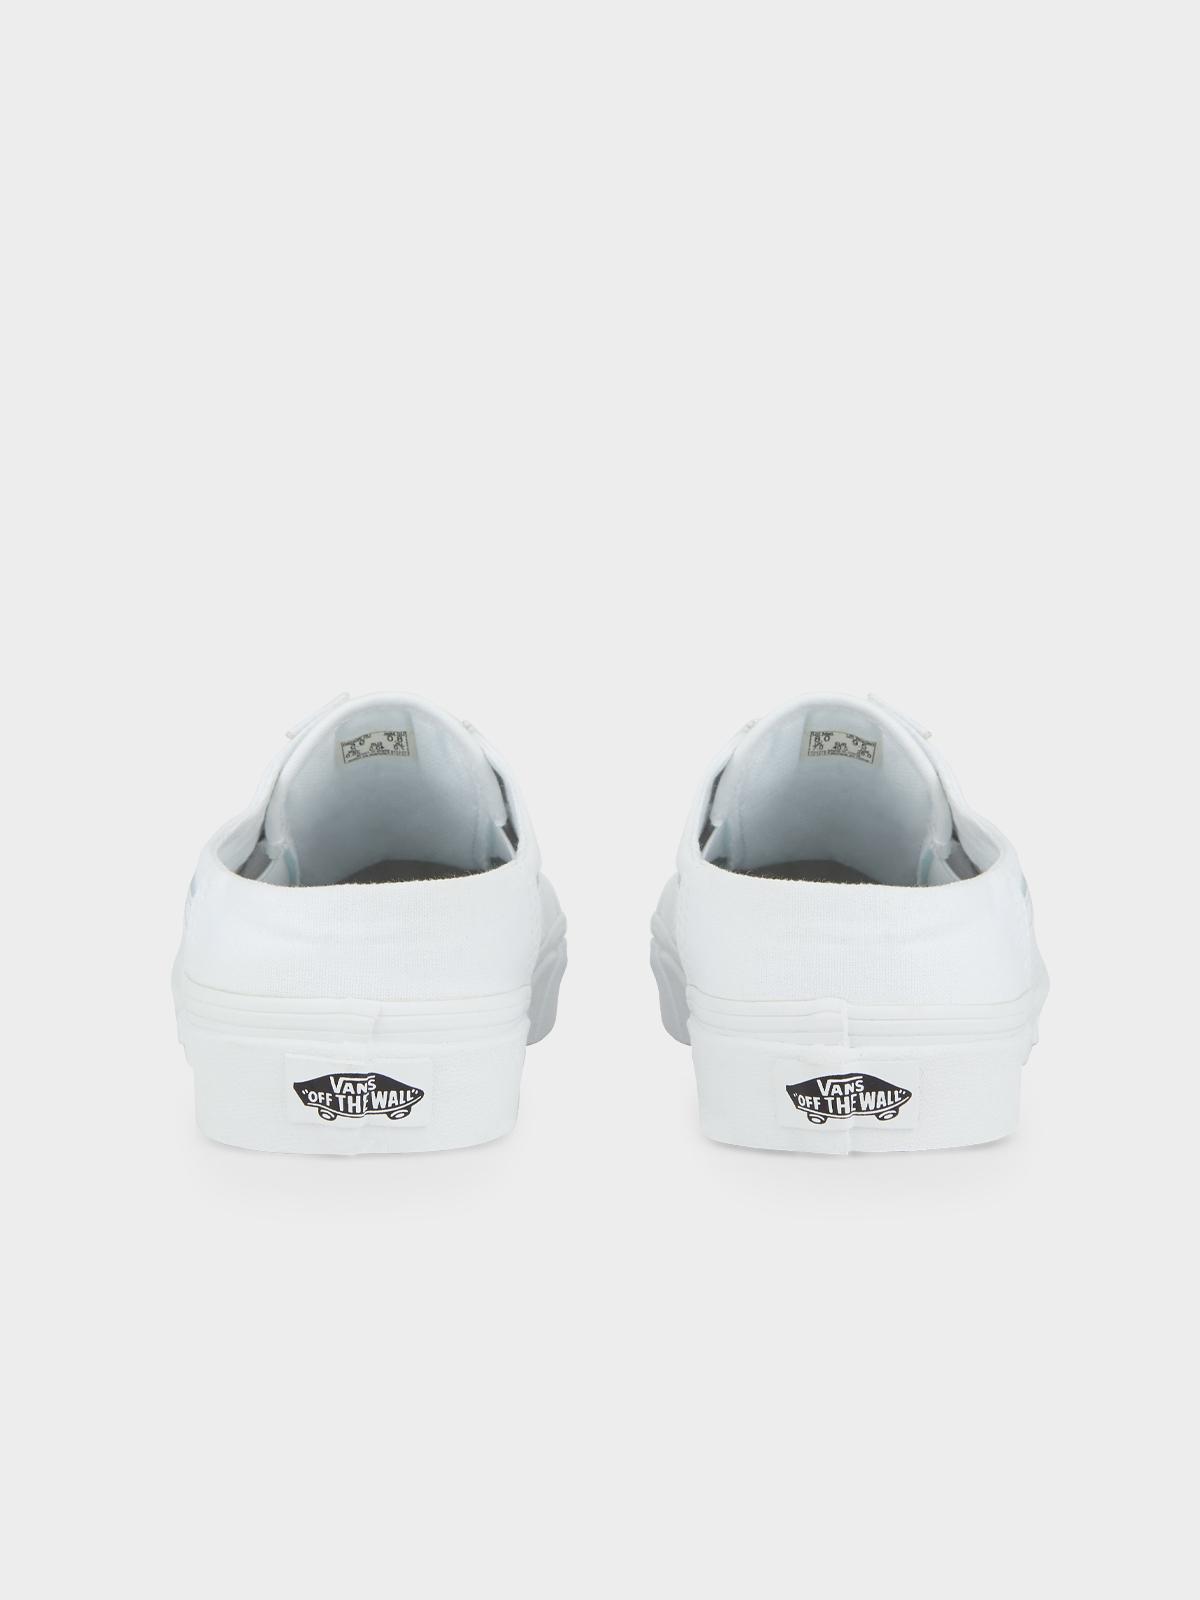 Vans Old Skool Mule Sneakers White